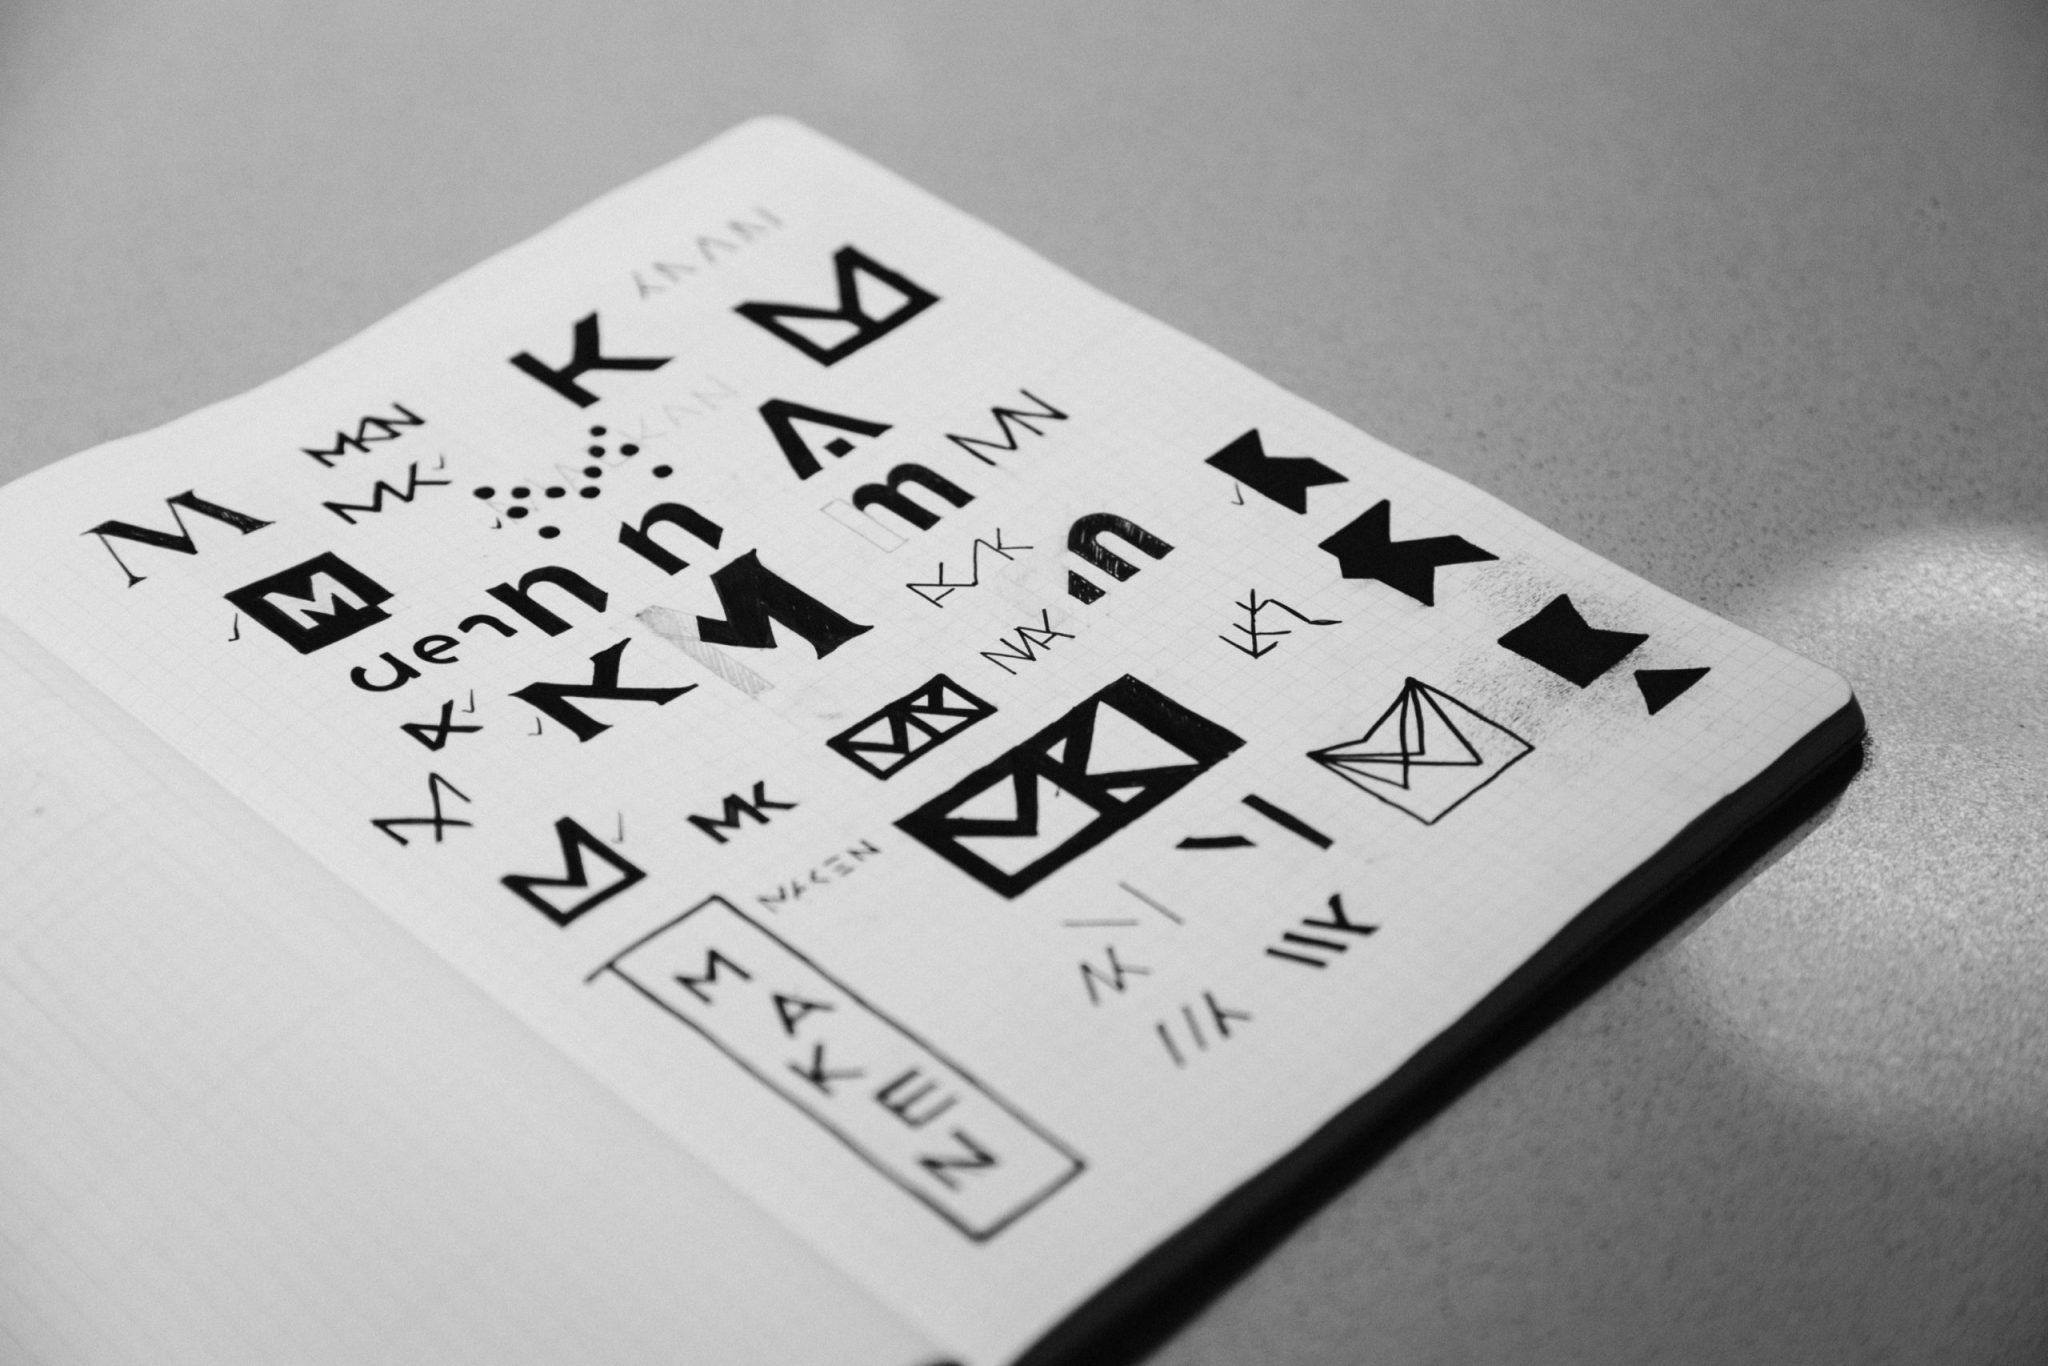 Grid paper sketches from Tim Kamerer's (designer) notebook